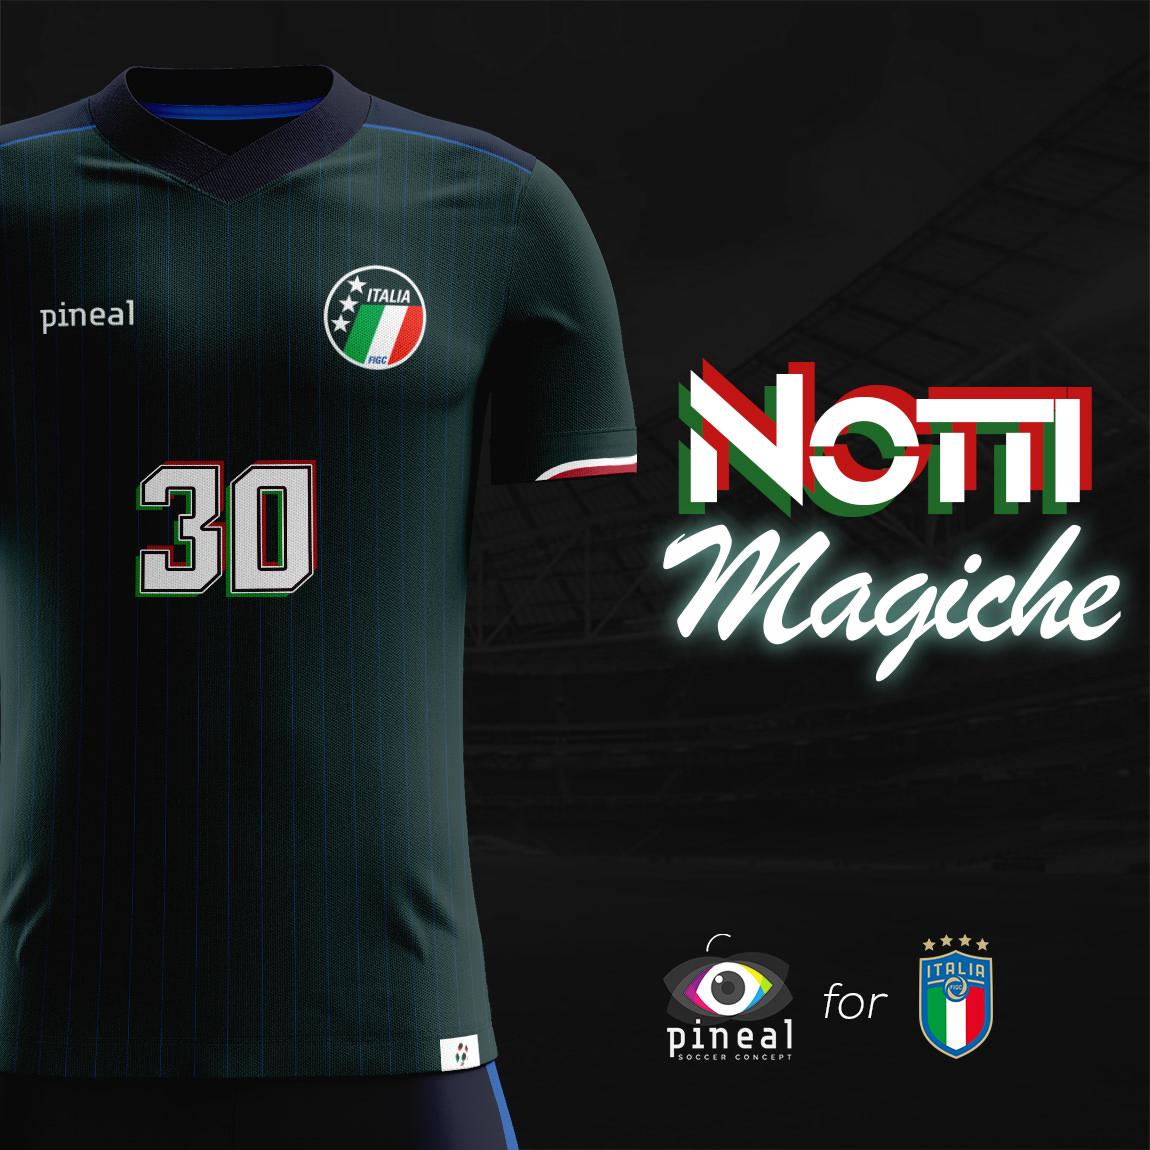 Italia_90